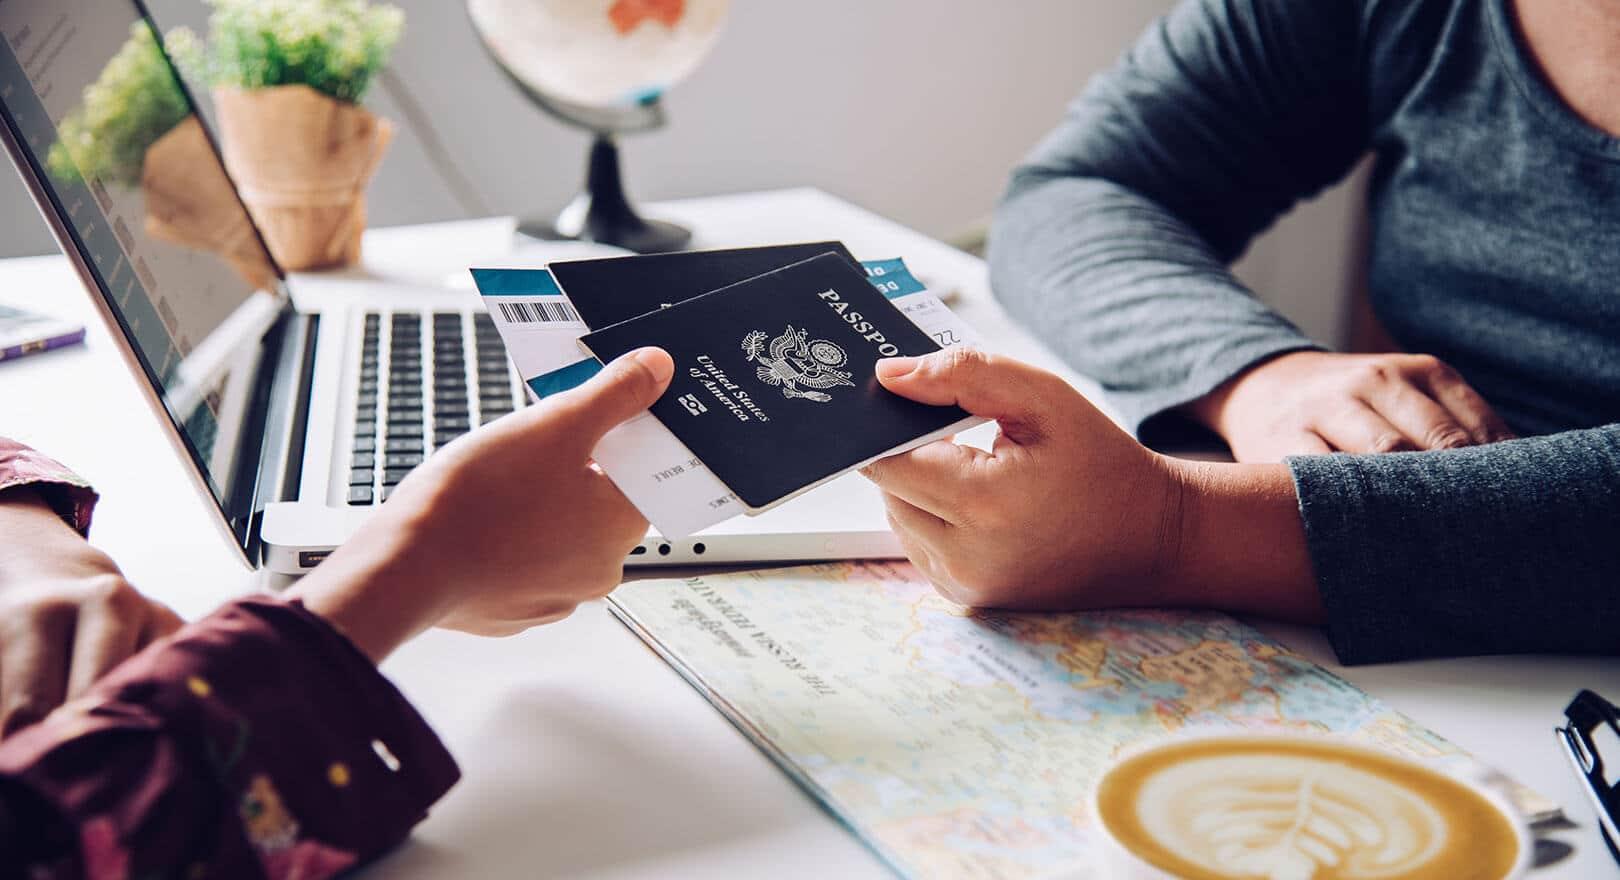 Das Schengenvisum, Informationen zur Gültigkeit und Beantragung und der erforderlichen Reisekrankenversicherung